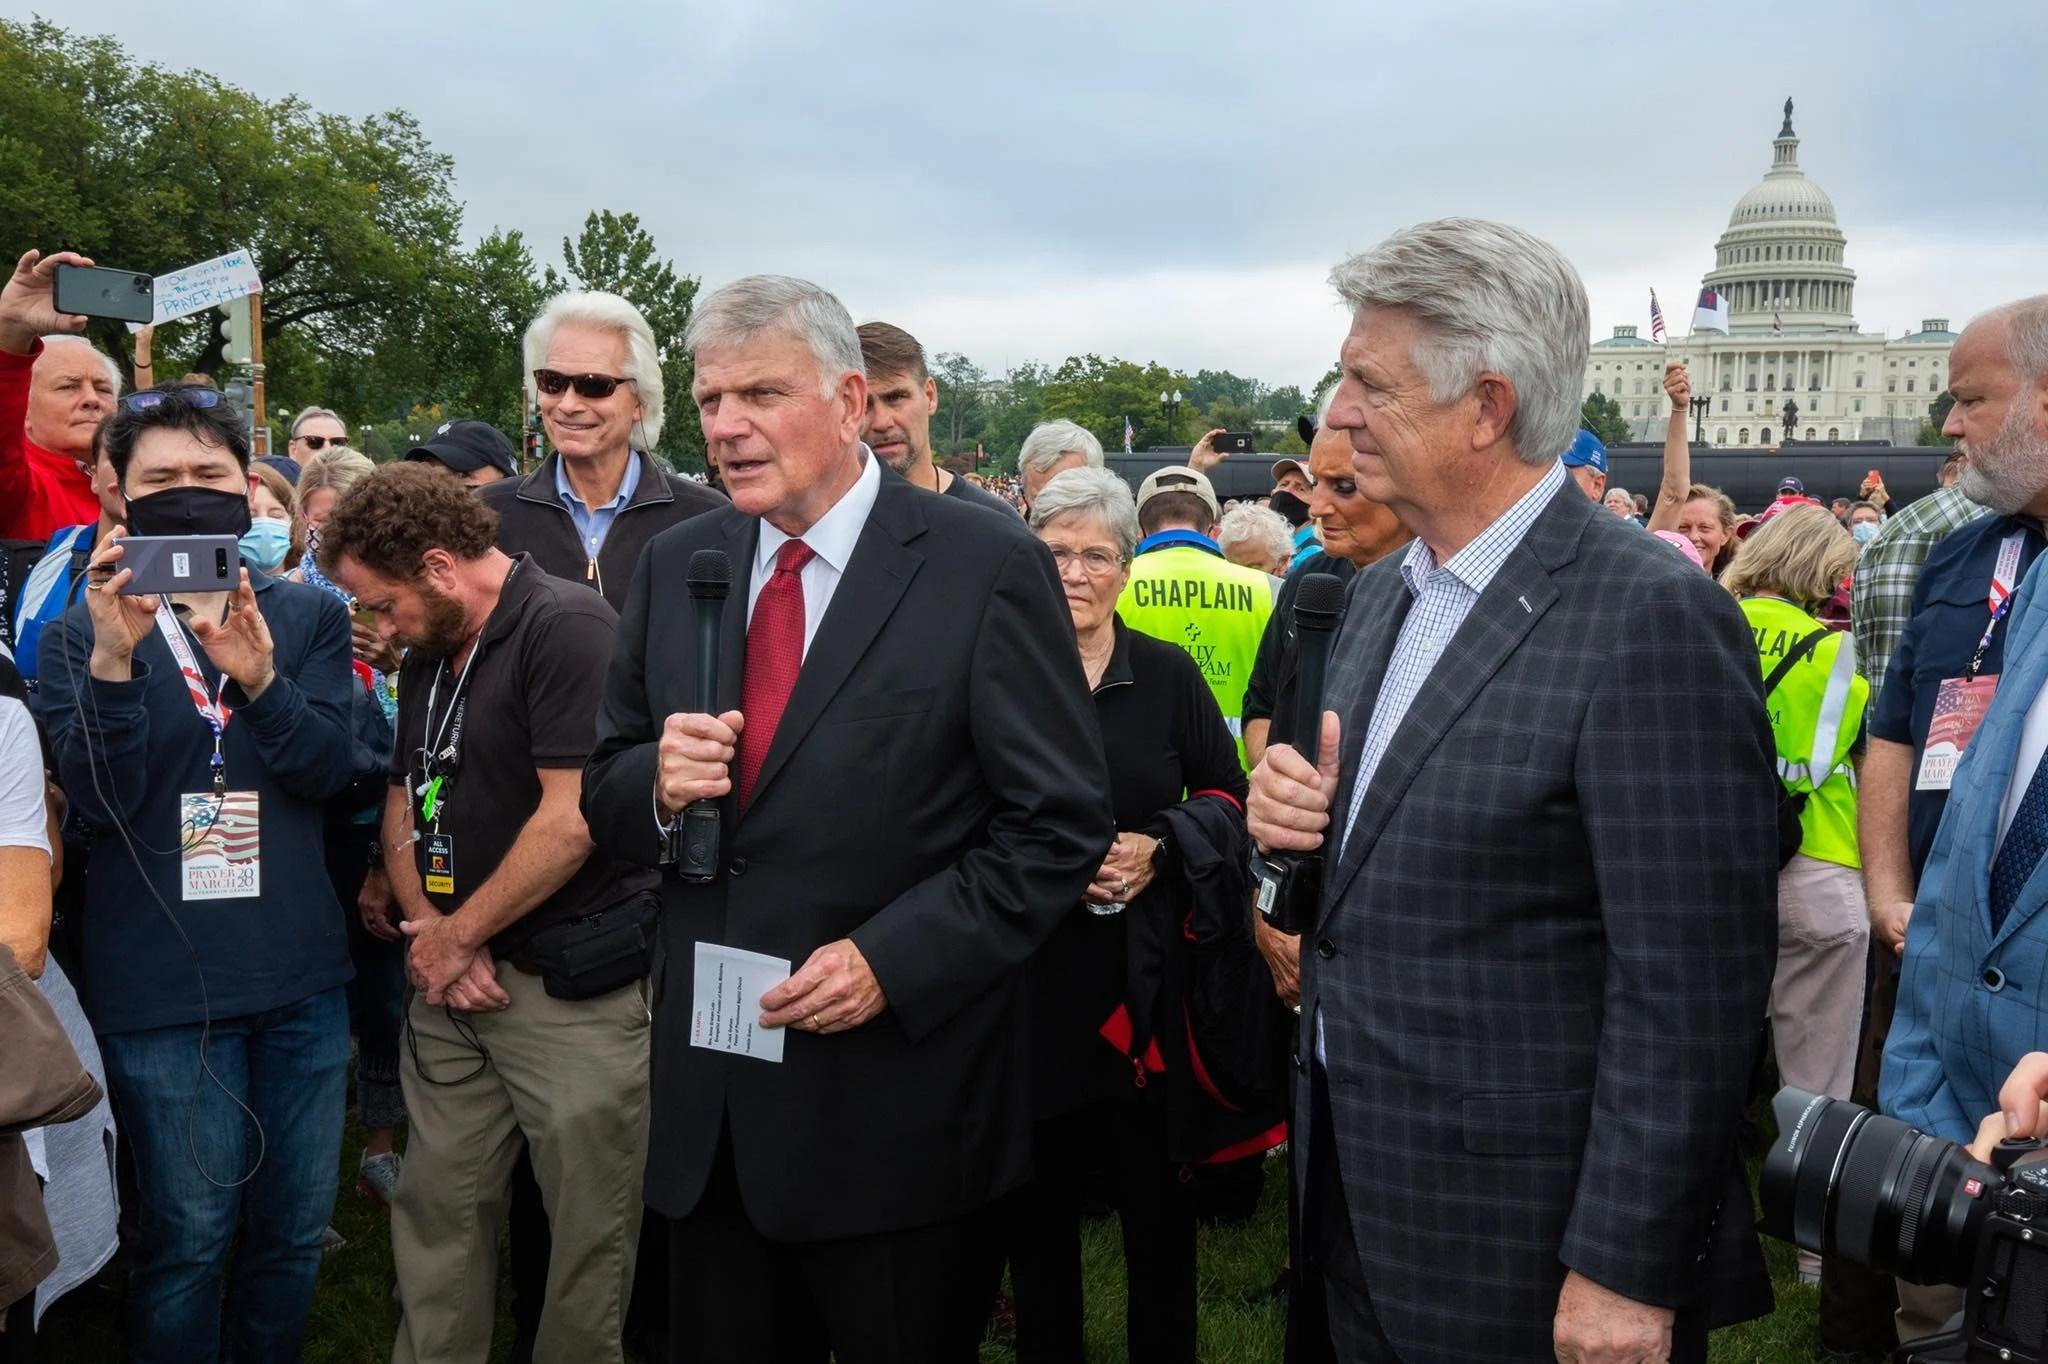 Marcha de Oração 2020 reúne milhares de pessoas nos EUA   Folha Gospel